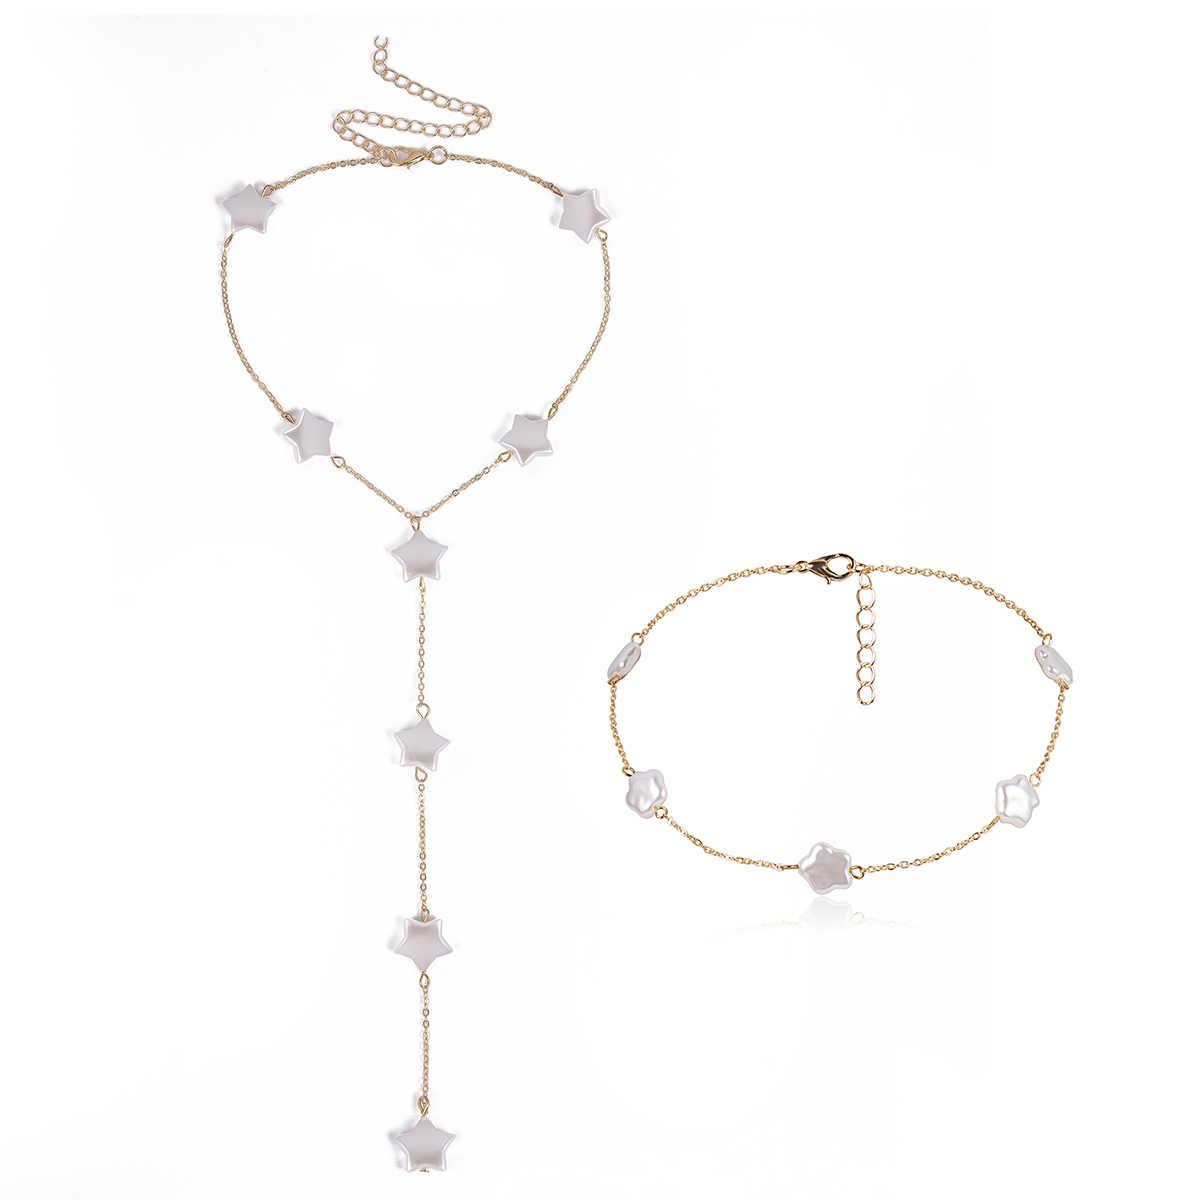 SHIXIN élégant pentagramme Collier ras du cou pour les femmes Simple longue chaîne en or Collier étoile coréen bijoux à la mode fille Collier Femme